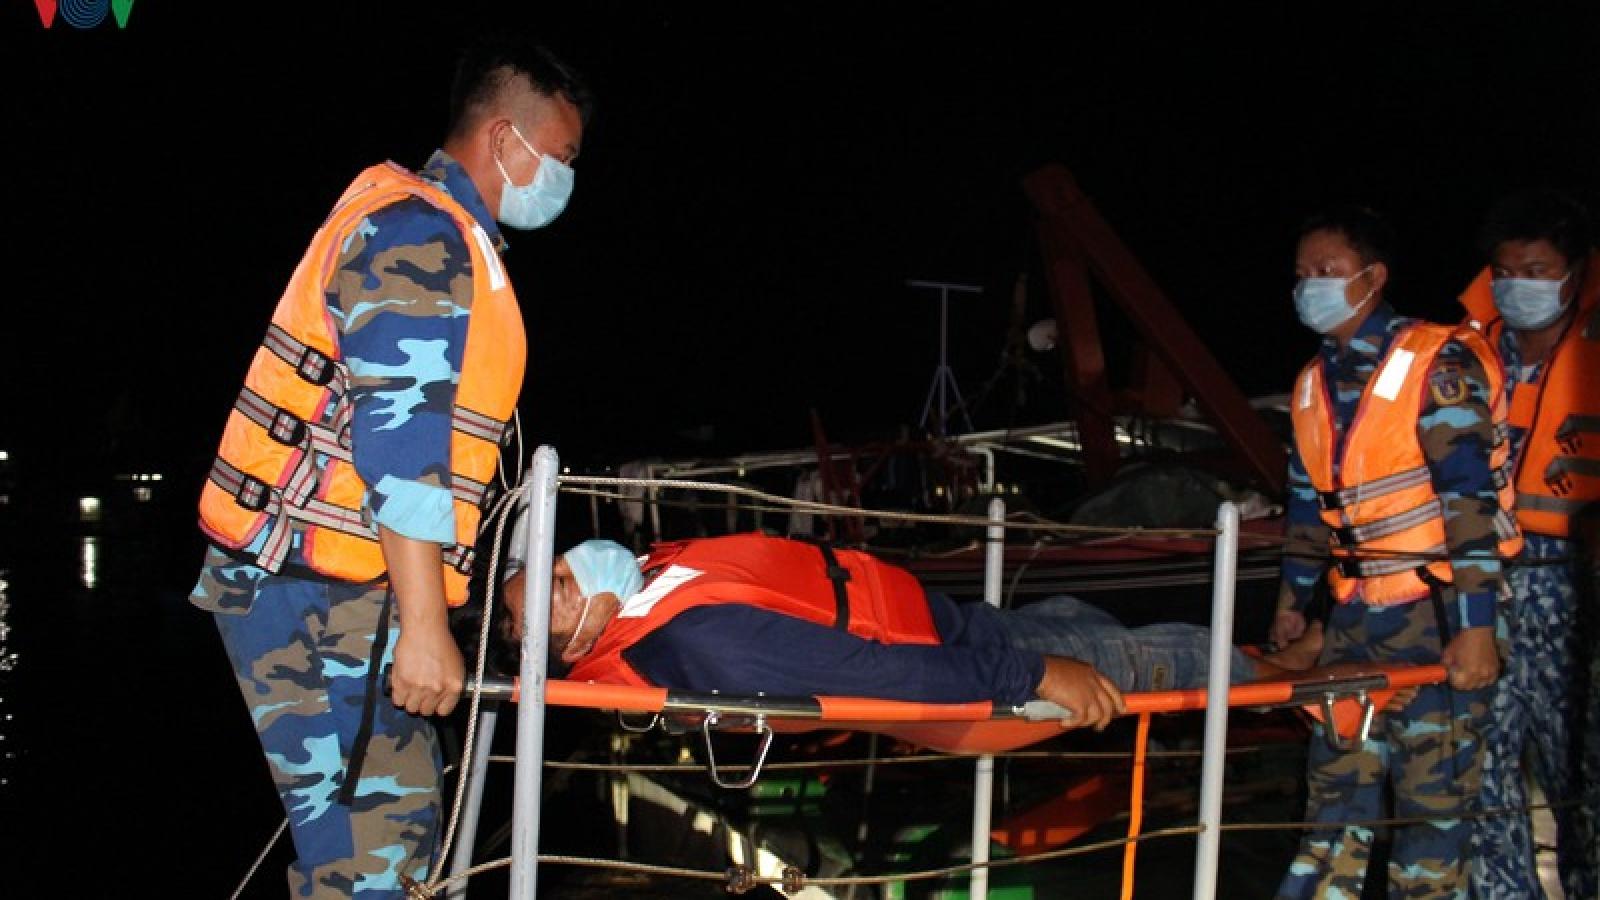 Cảnh sát biển 4 điều tàu cấp cứu ngư dân đột quỵ khi đánh bắt trên biển